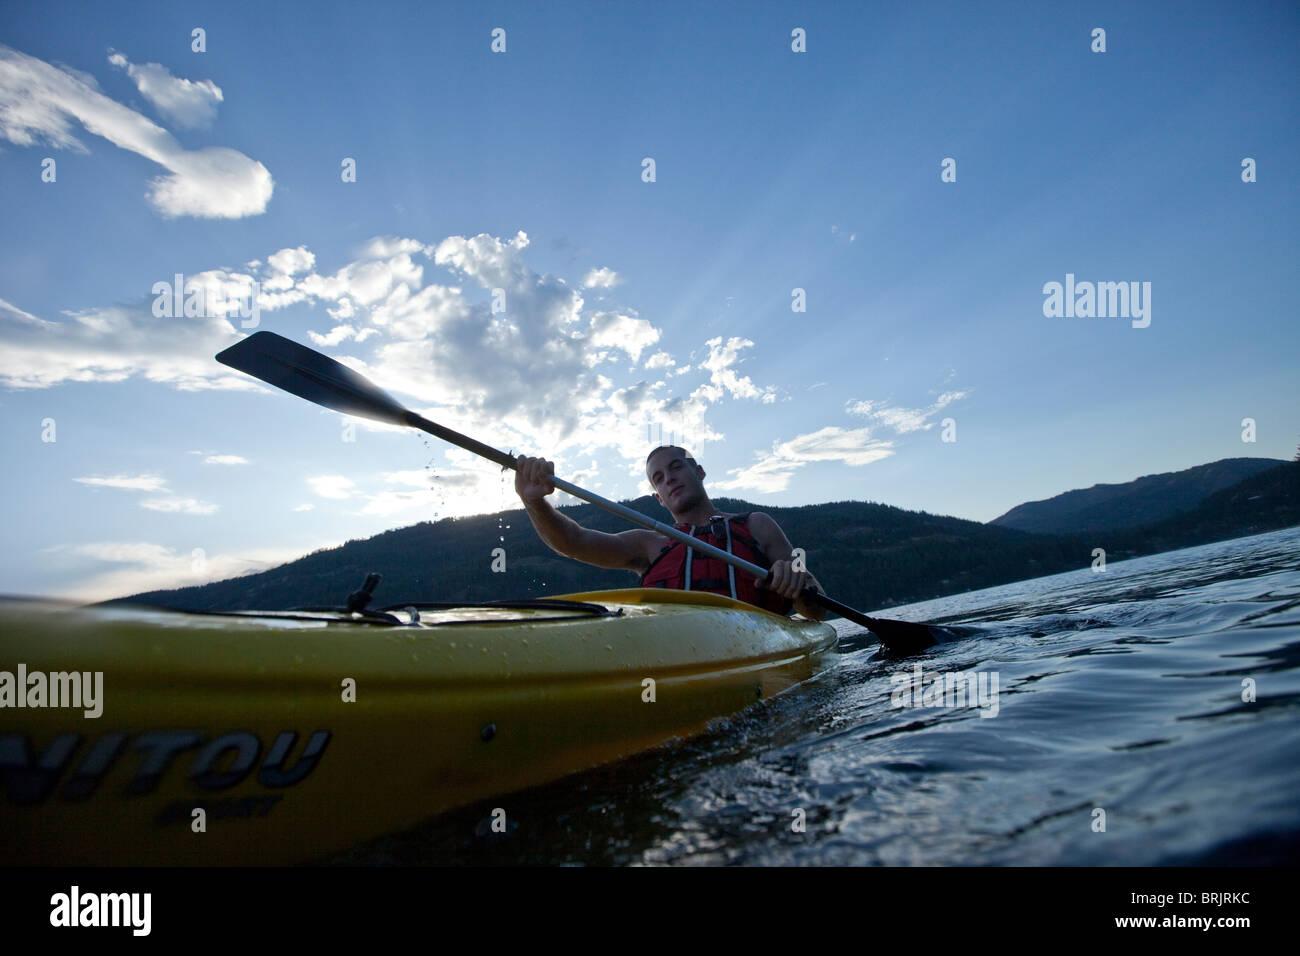 Joven palas kayak amarillo en el lago. Imagen De Stock